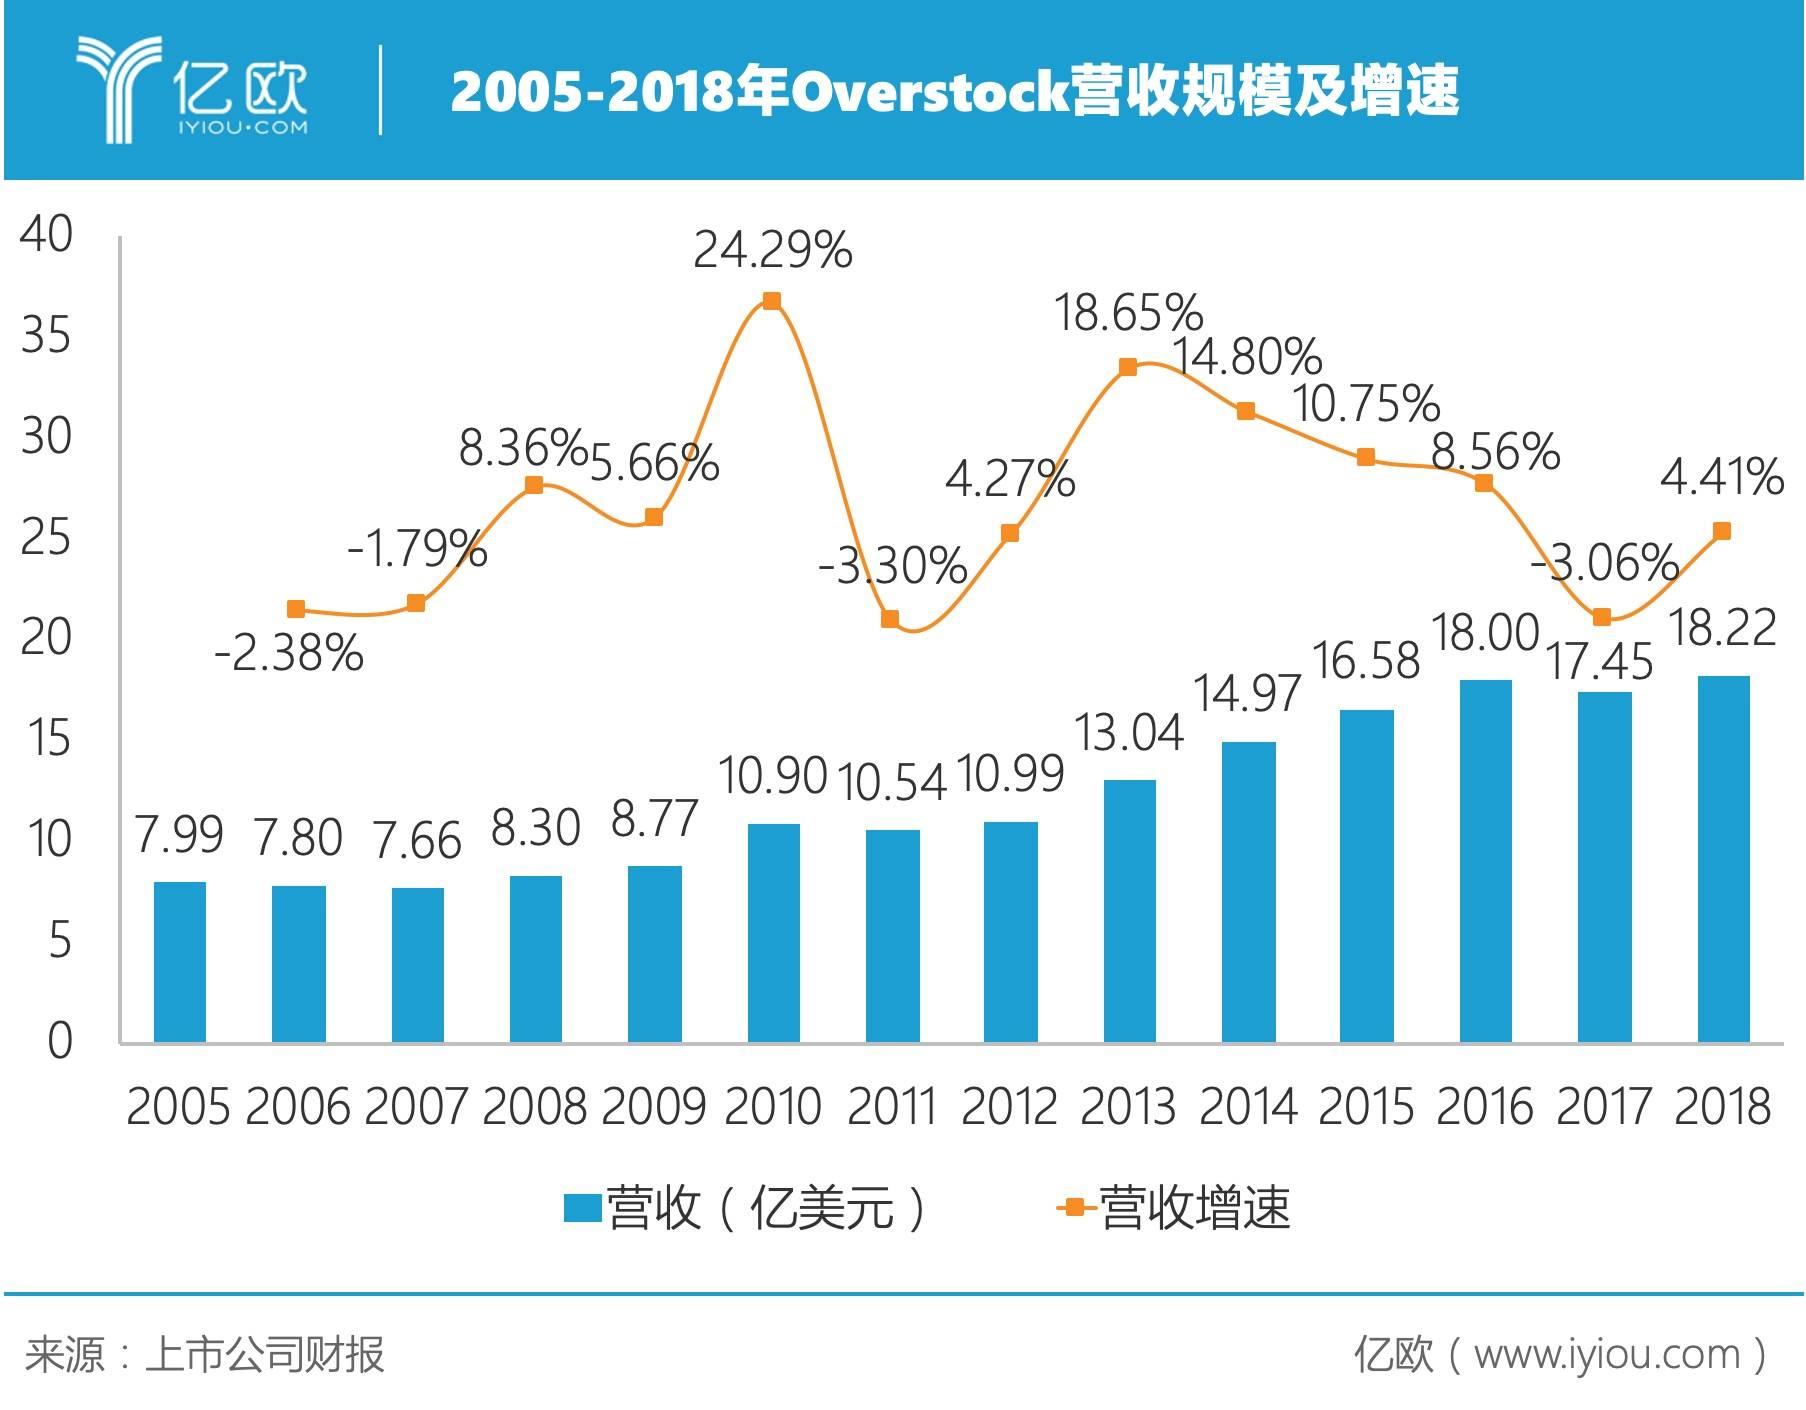 2005年-2018年Overstock营收规模及增速